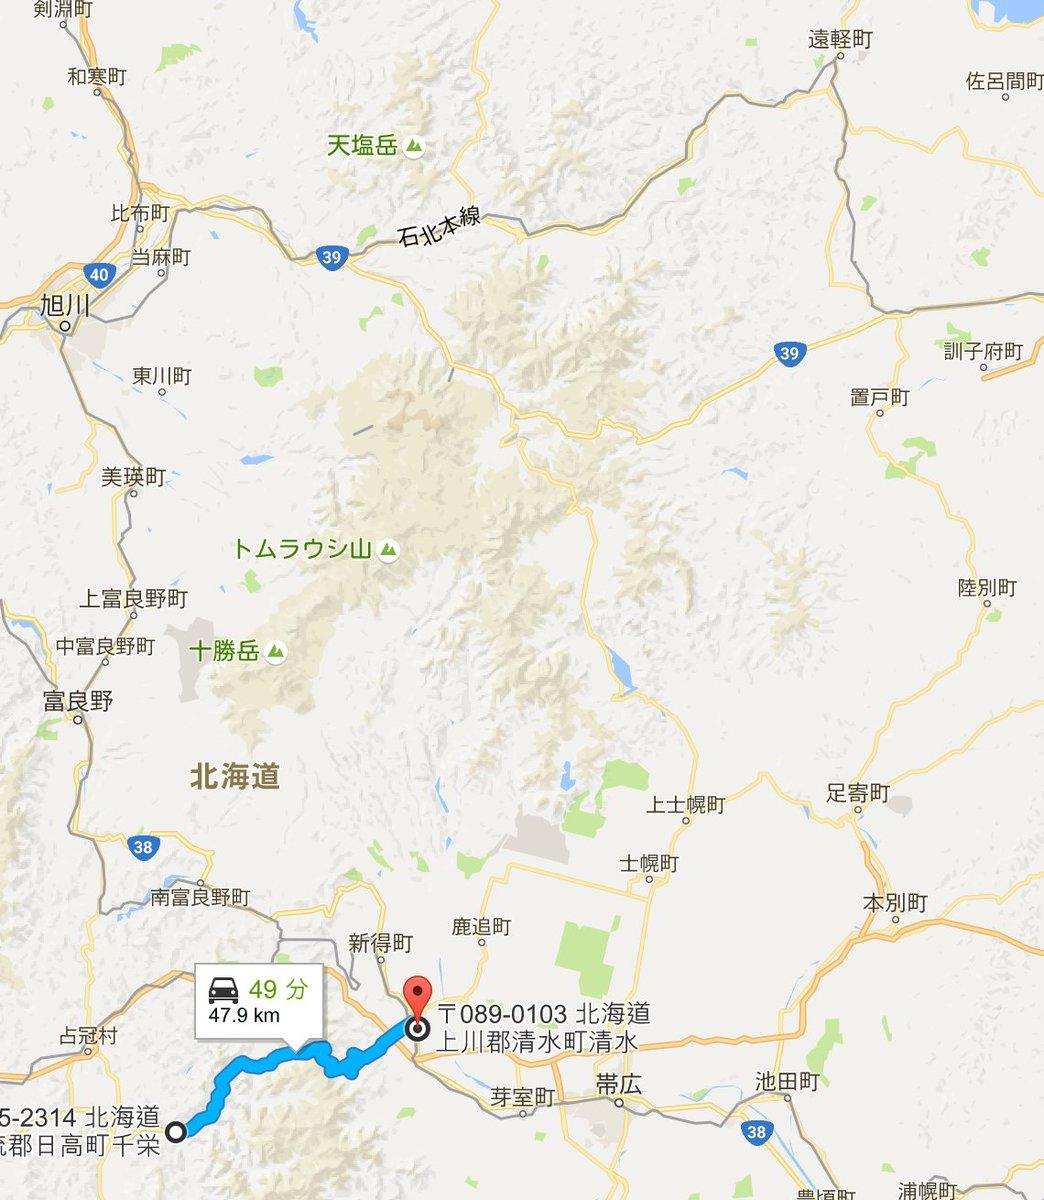 日勝峠の橋崩落で通行止め、迂回経路の距離調べたけど、つらすぎる https://t.co/Go9TfSm0Uz